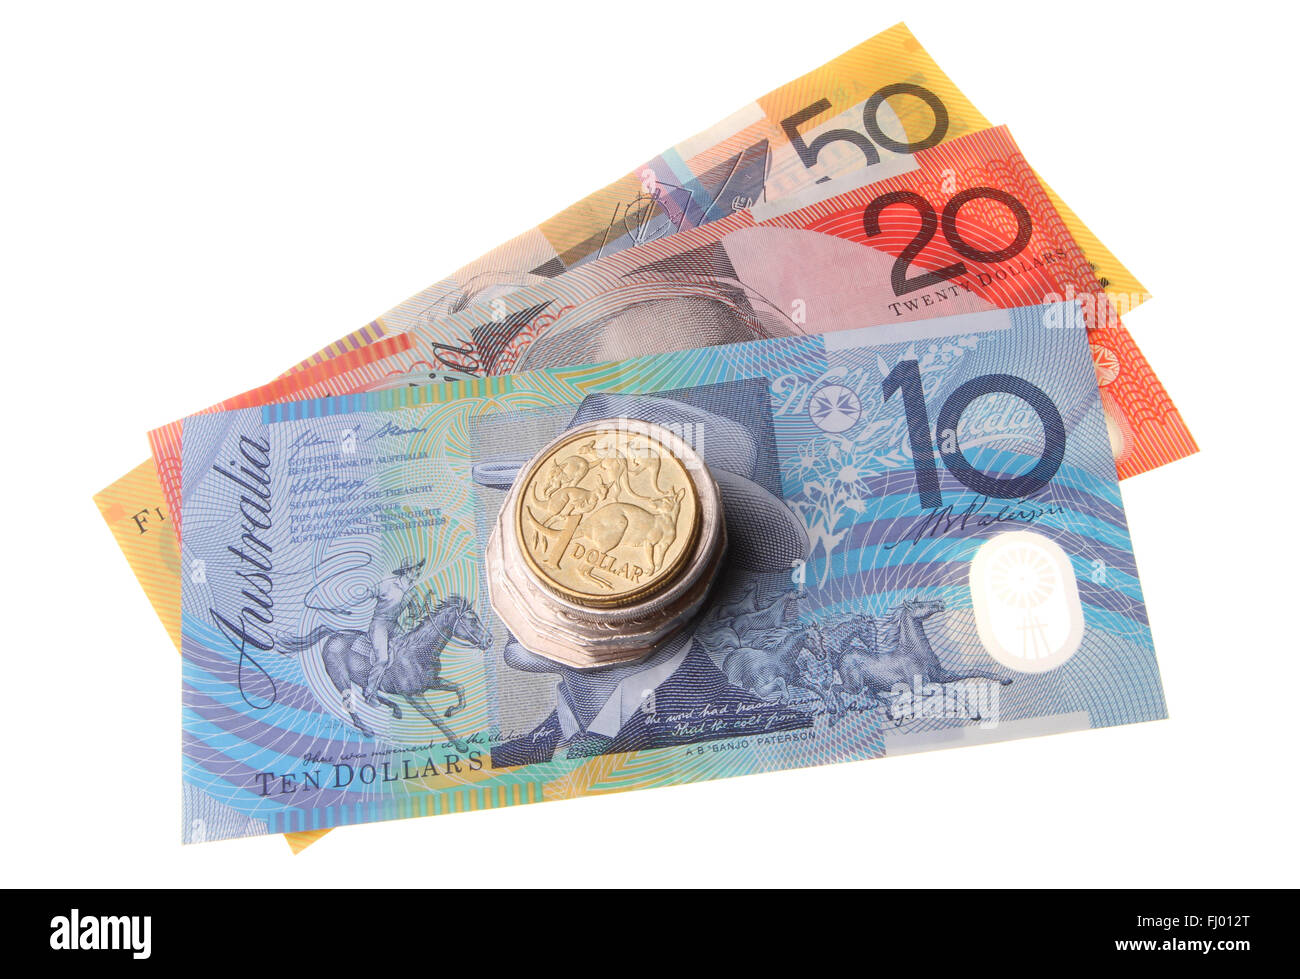 Une pile de pièces de monnaie australienne surmontée d'une pièce de un dollar assis sur le dessus de trois billets Banque D'Images